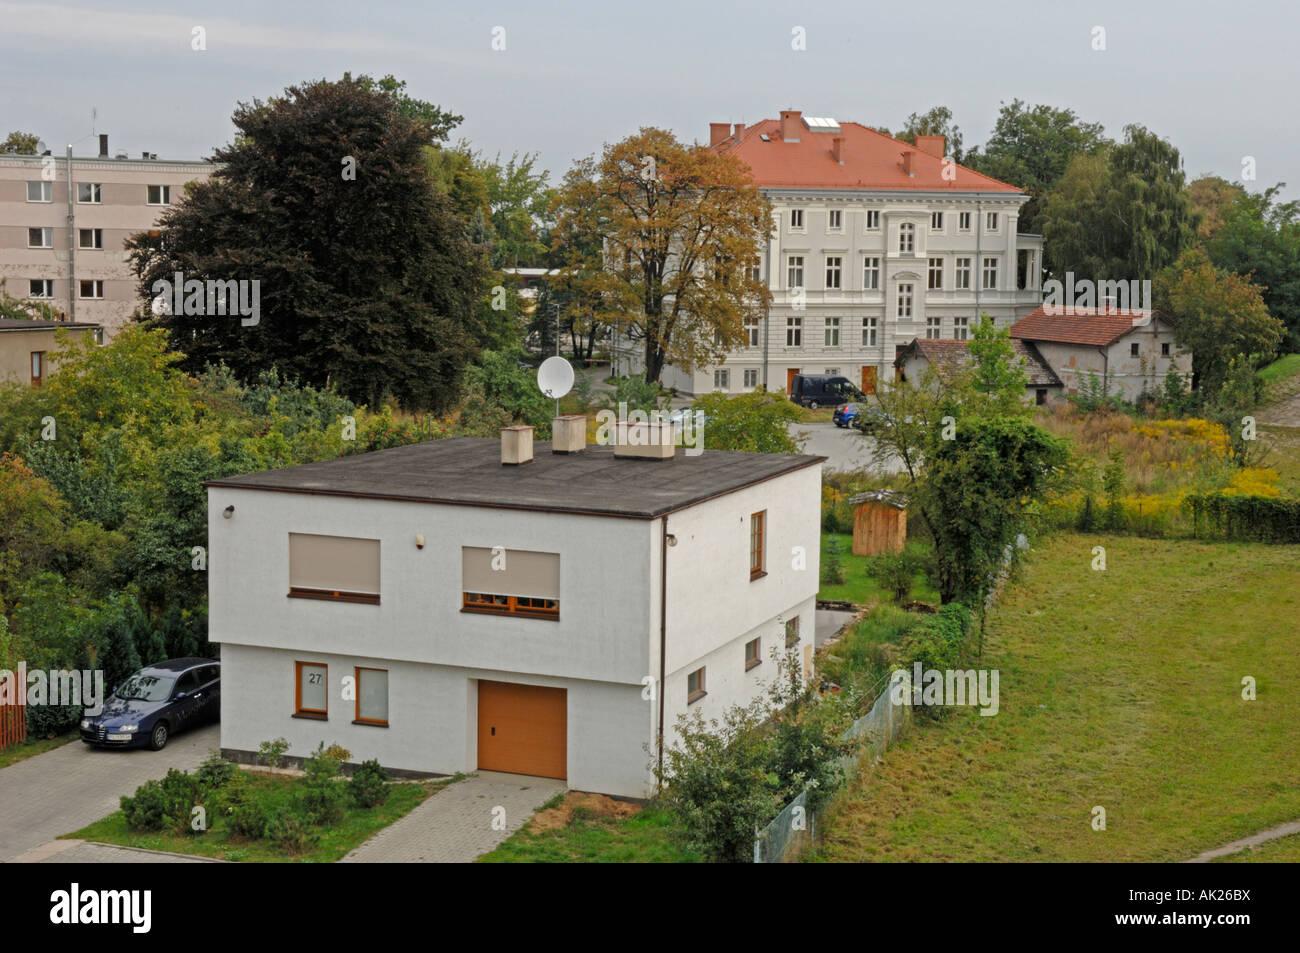 Astounding Haus Mit Flachdach Sammlung Von Typisches Gebaut Während Des Kommunistischen Regimes In